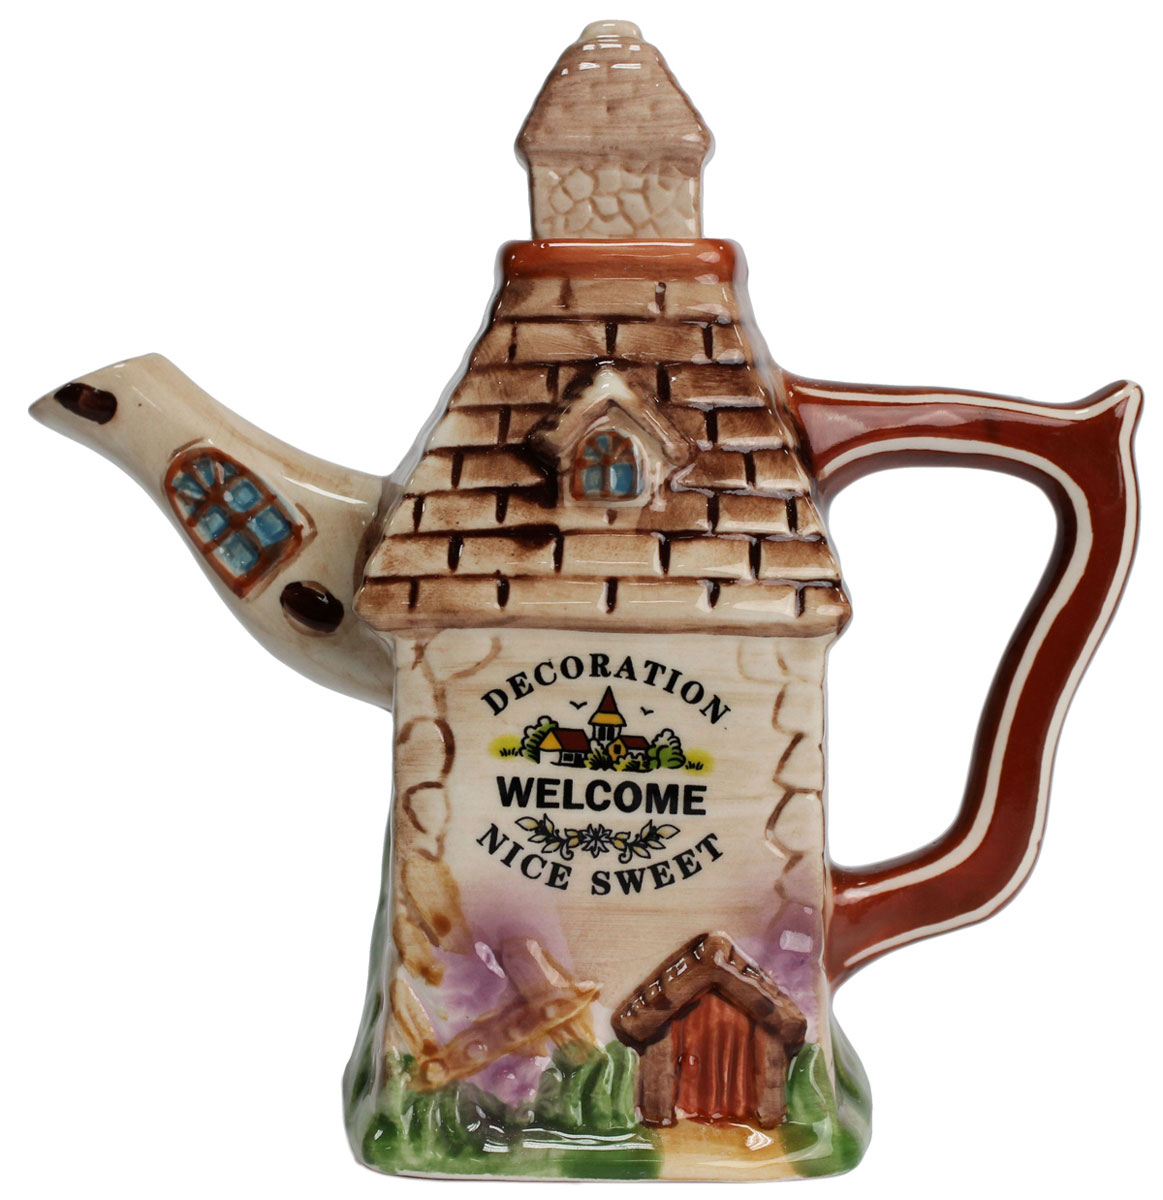 Чайник заварочный Домик, 300 мл. 824680824680Чайник заварочный Домик, выполненный из керамики, позволит вам заварить свежий, ароматный чай. Изделие имеет не обычный внешний вид. Такой чайник прекрасно оформит стол к чаепитию и станет его неизменным атрибутом.